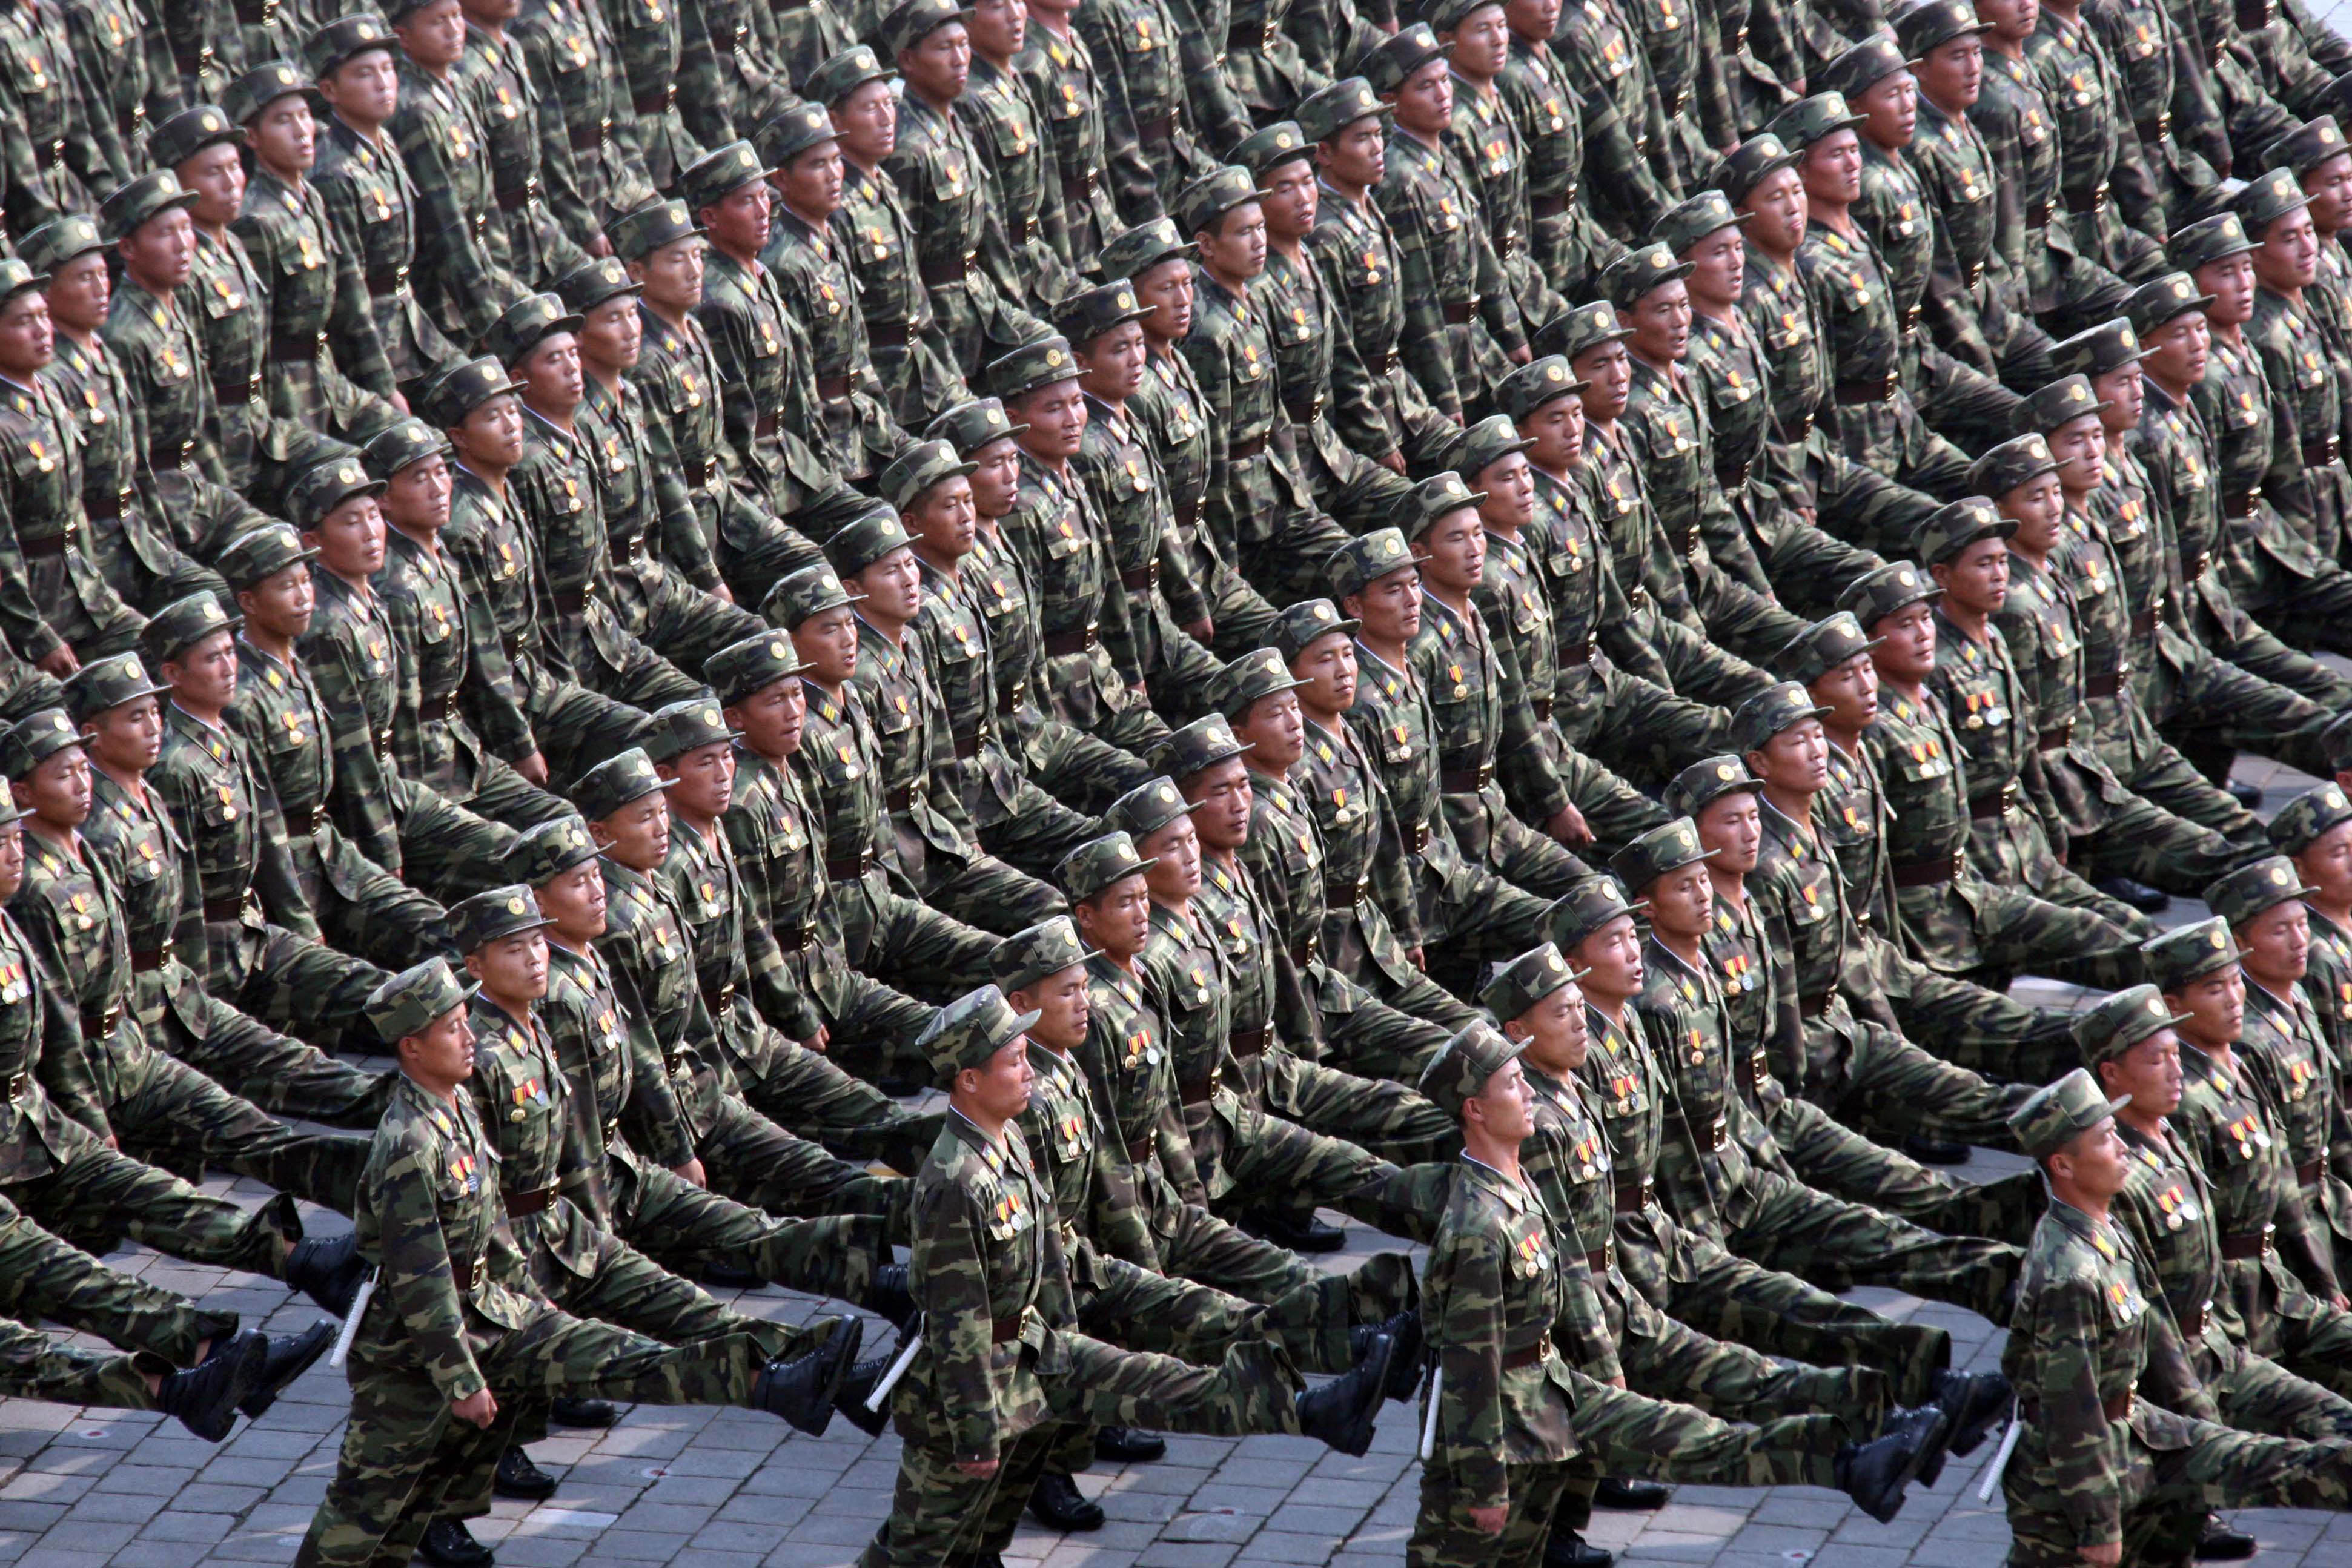 Китайские банки начали отказывать россиянам в обслуживании офшорных счетов - Цензор.НЕТ 2258